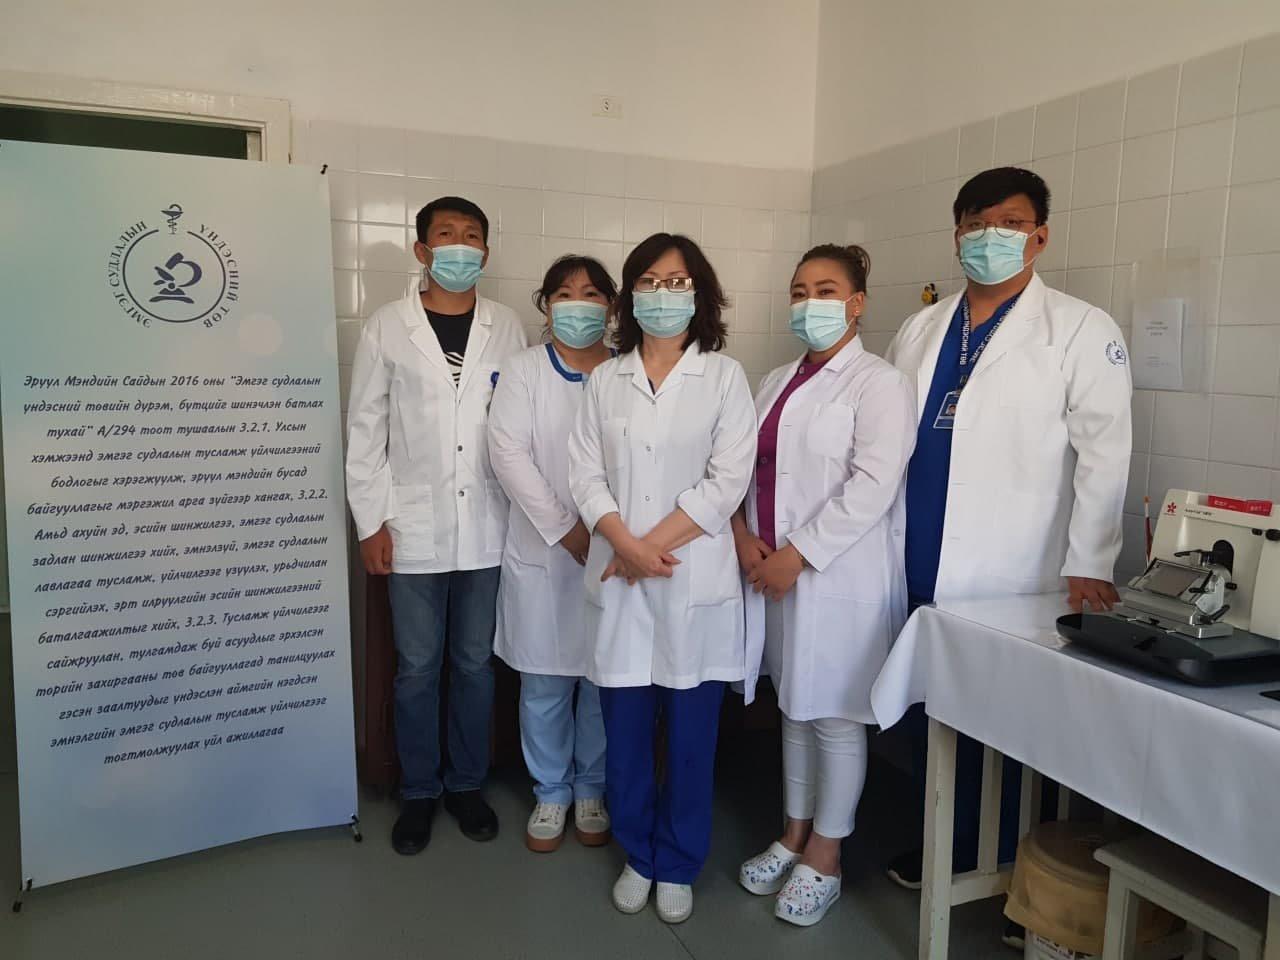 Сэлэнгэ аймгийн нэгдсэн эмнэлгийн эмгэг судлалын тусламж үйлчилгээг тогтмолжуулах үйл ажиллагаа явагдаж байна